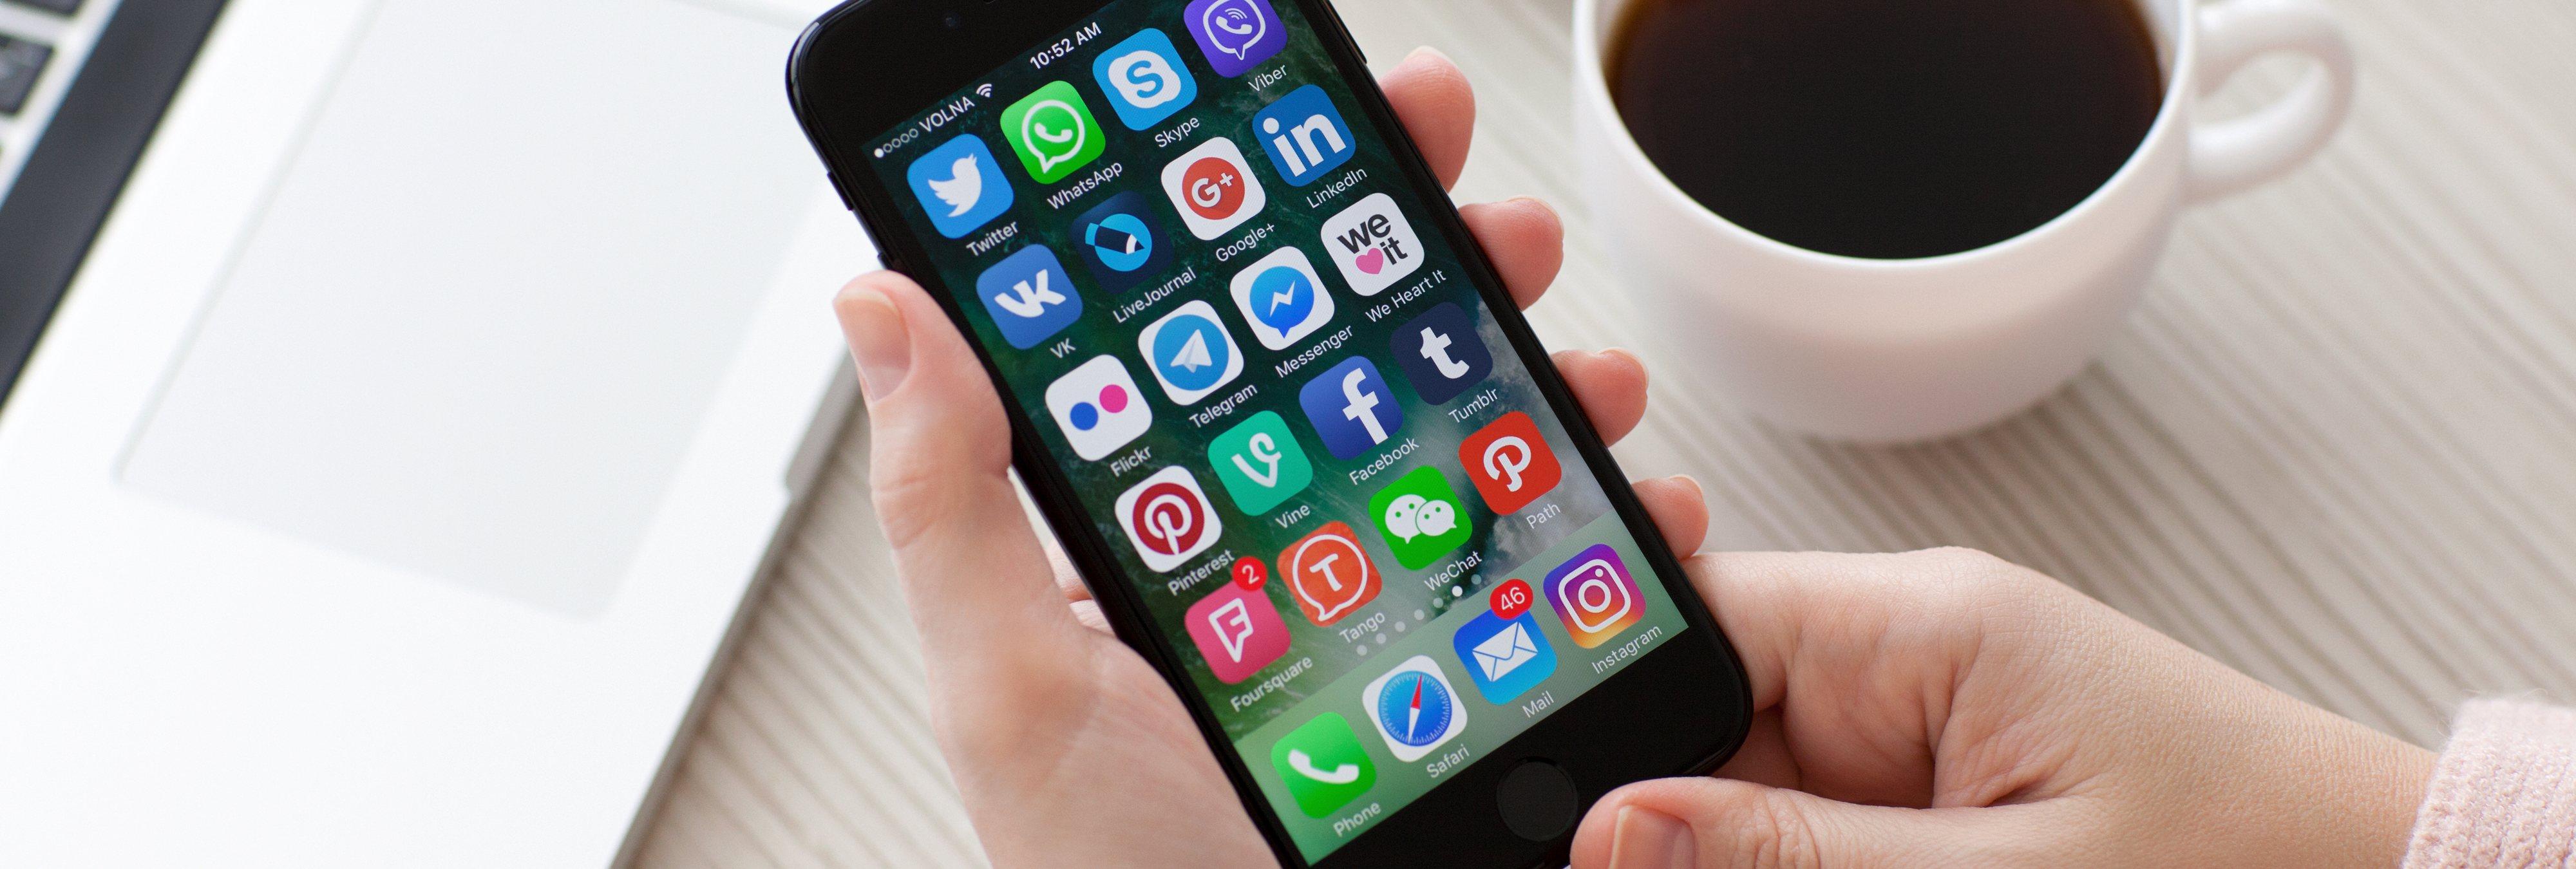 El fallo en los iPhone del que Apple no se quiere hacer responsable